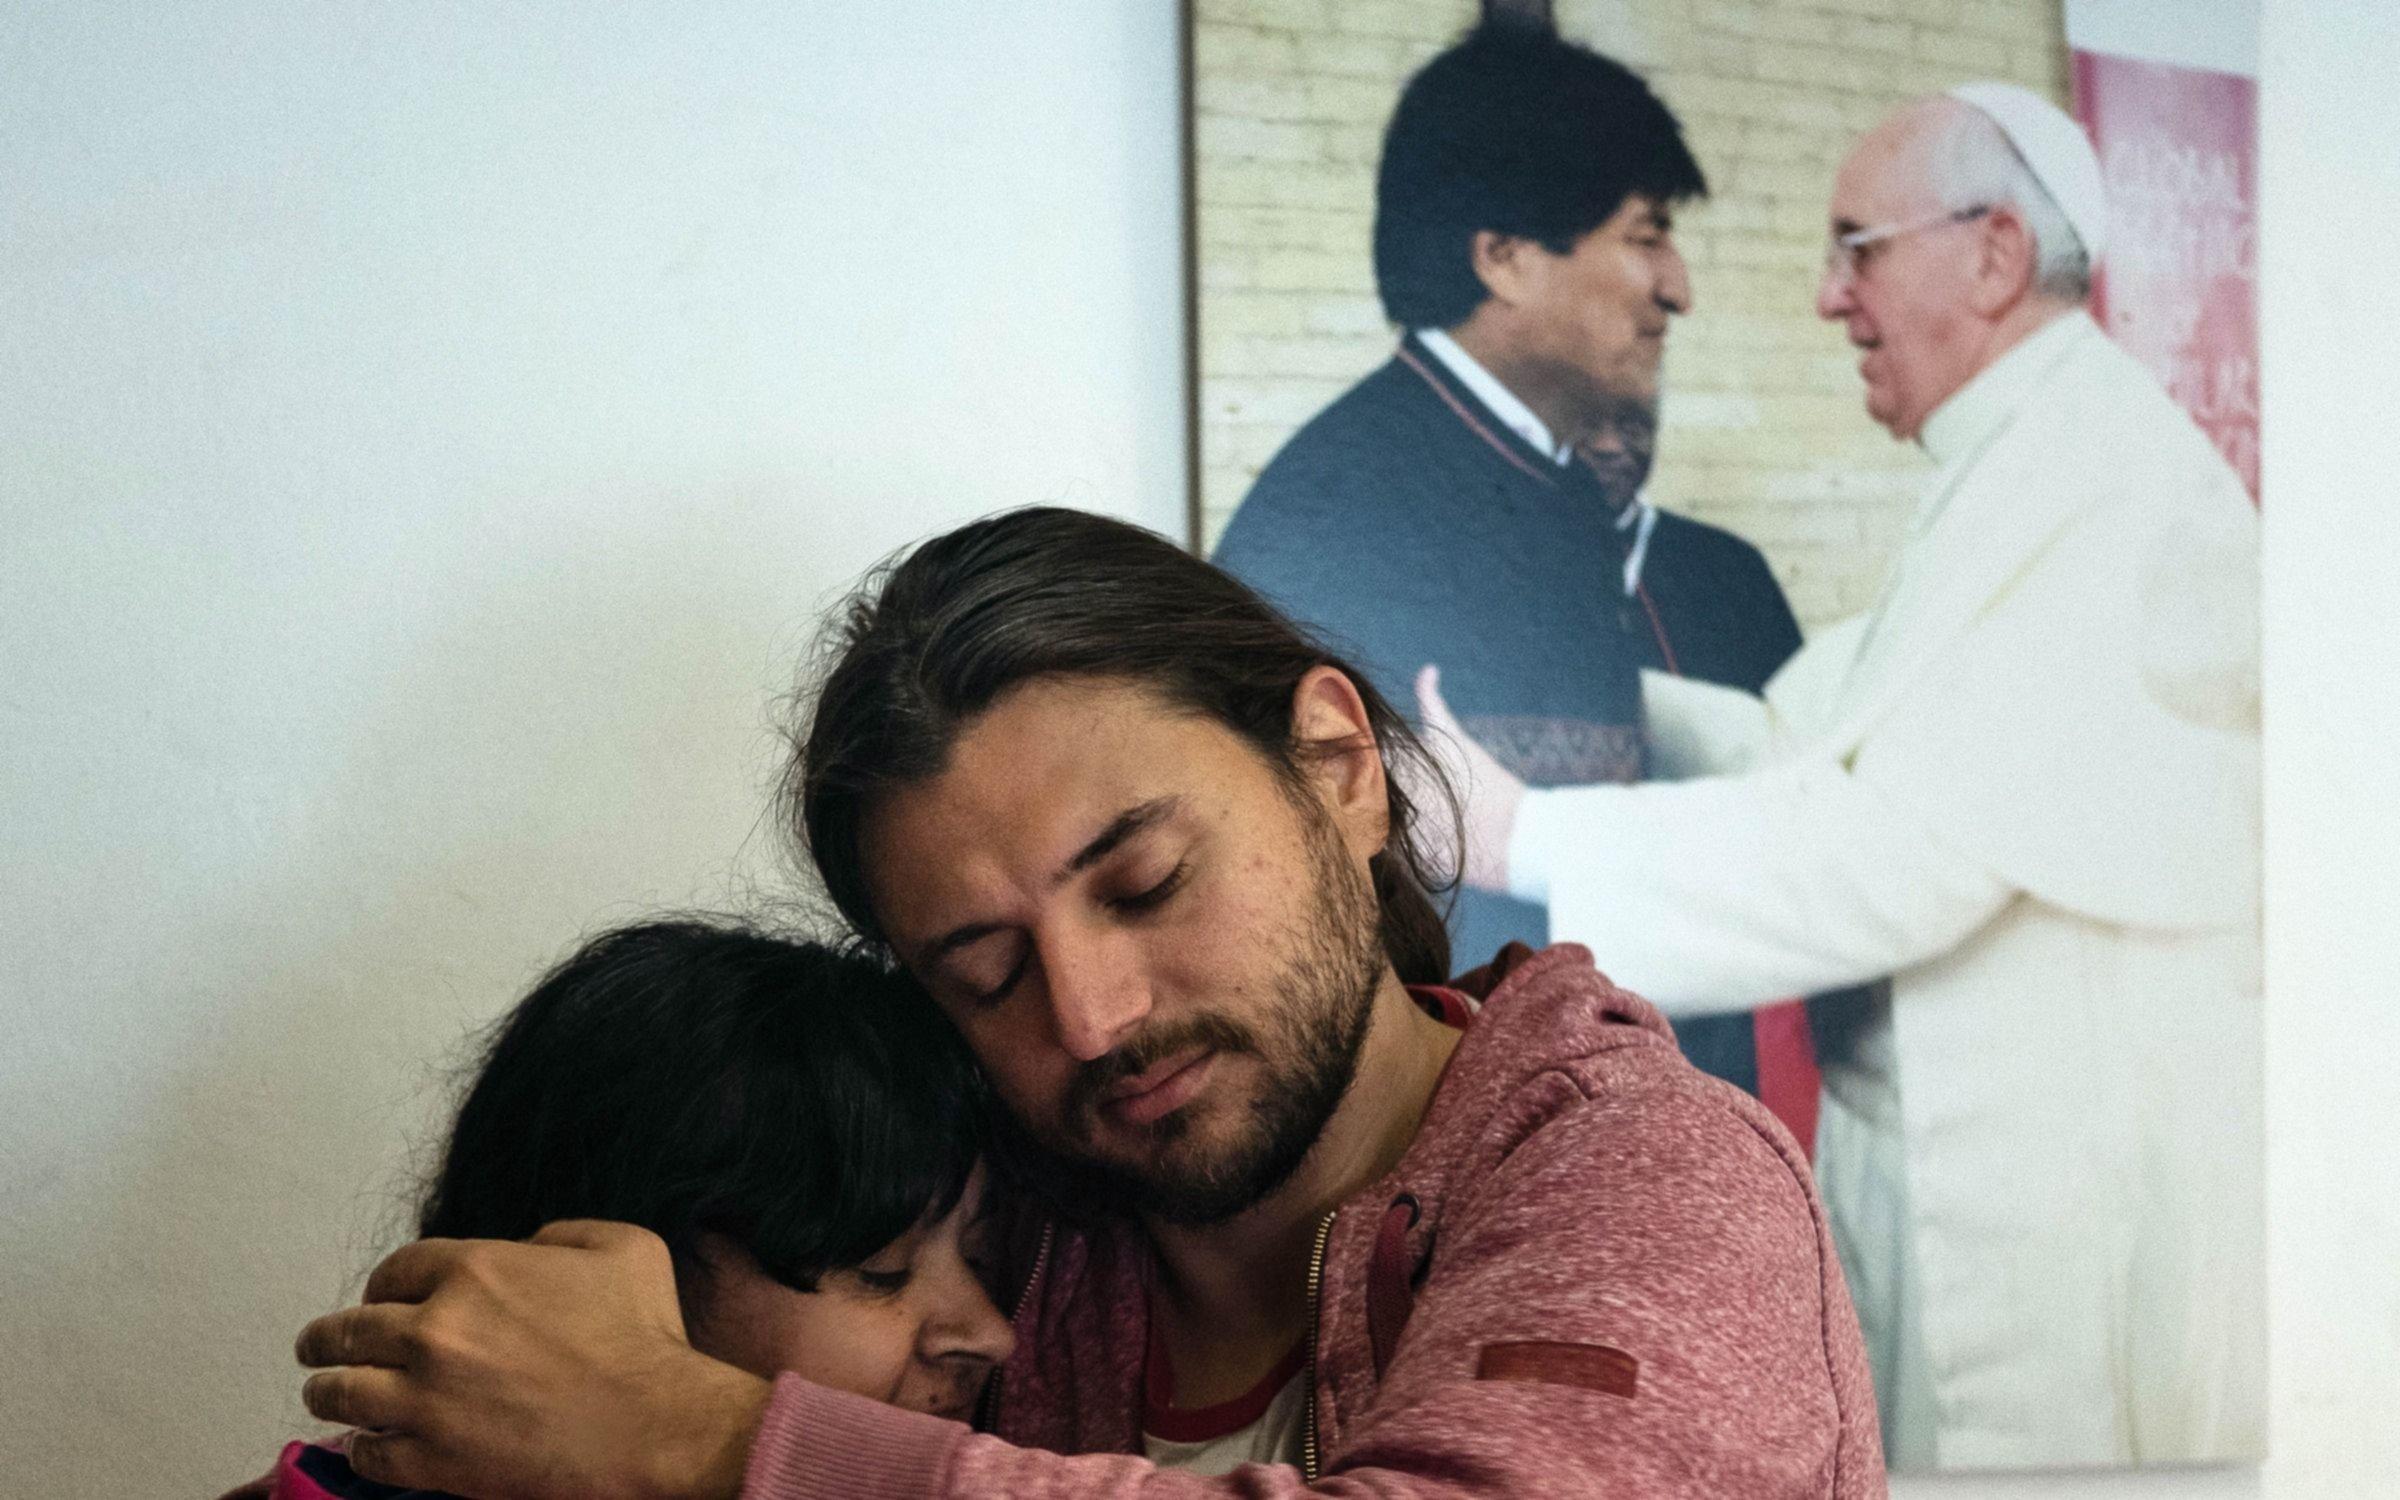 Grabois trabajará para El Vaticano